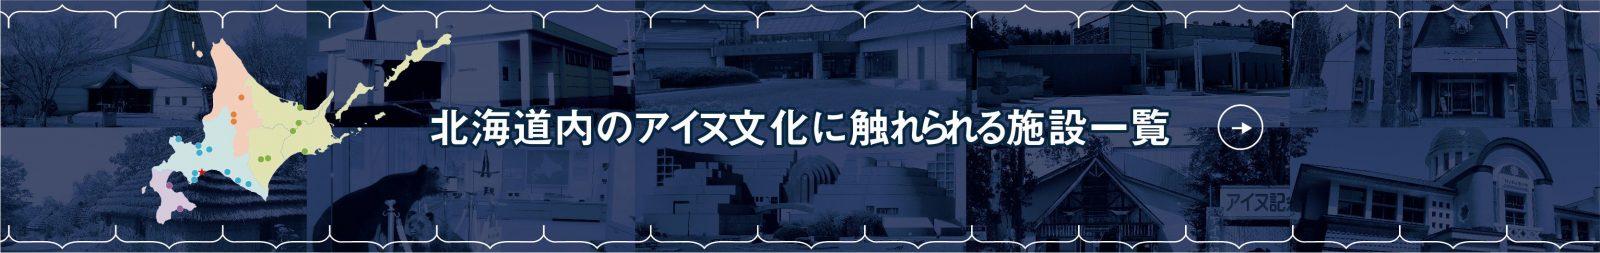 北海道内のアイヌ文化に触れられる施設一覧